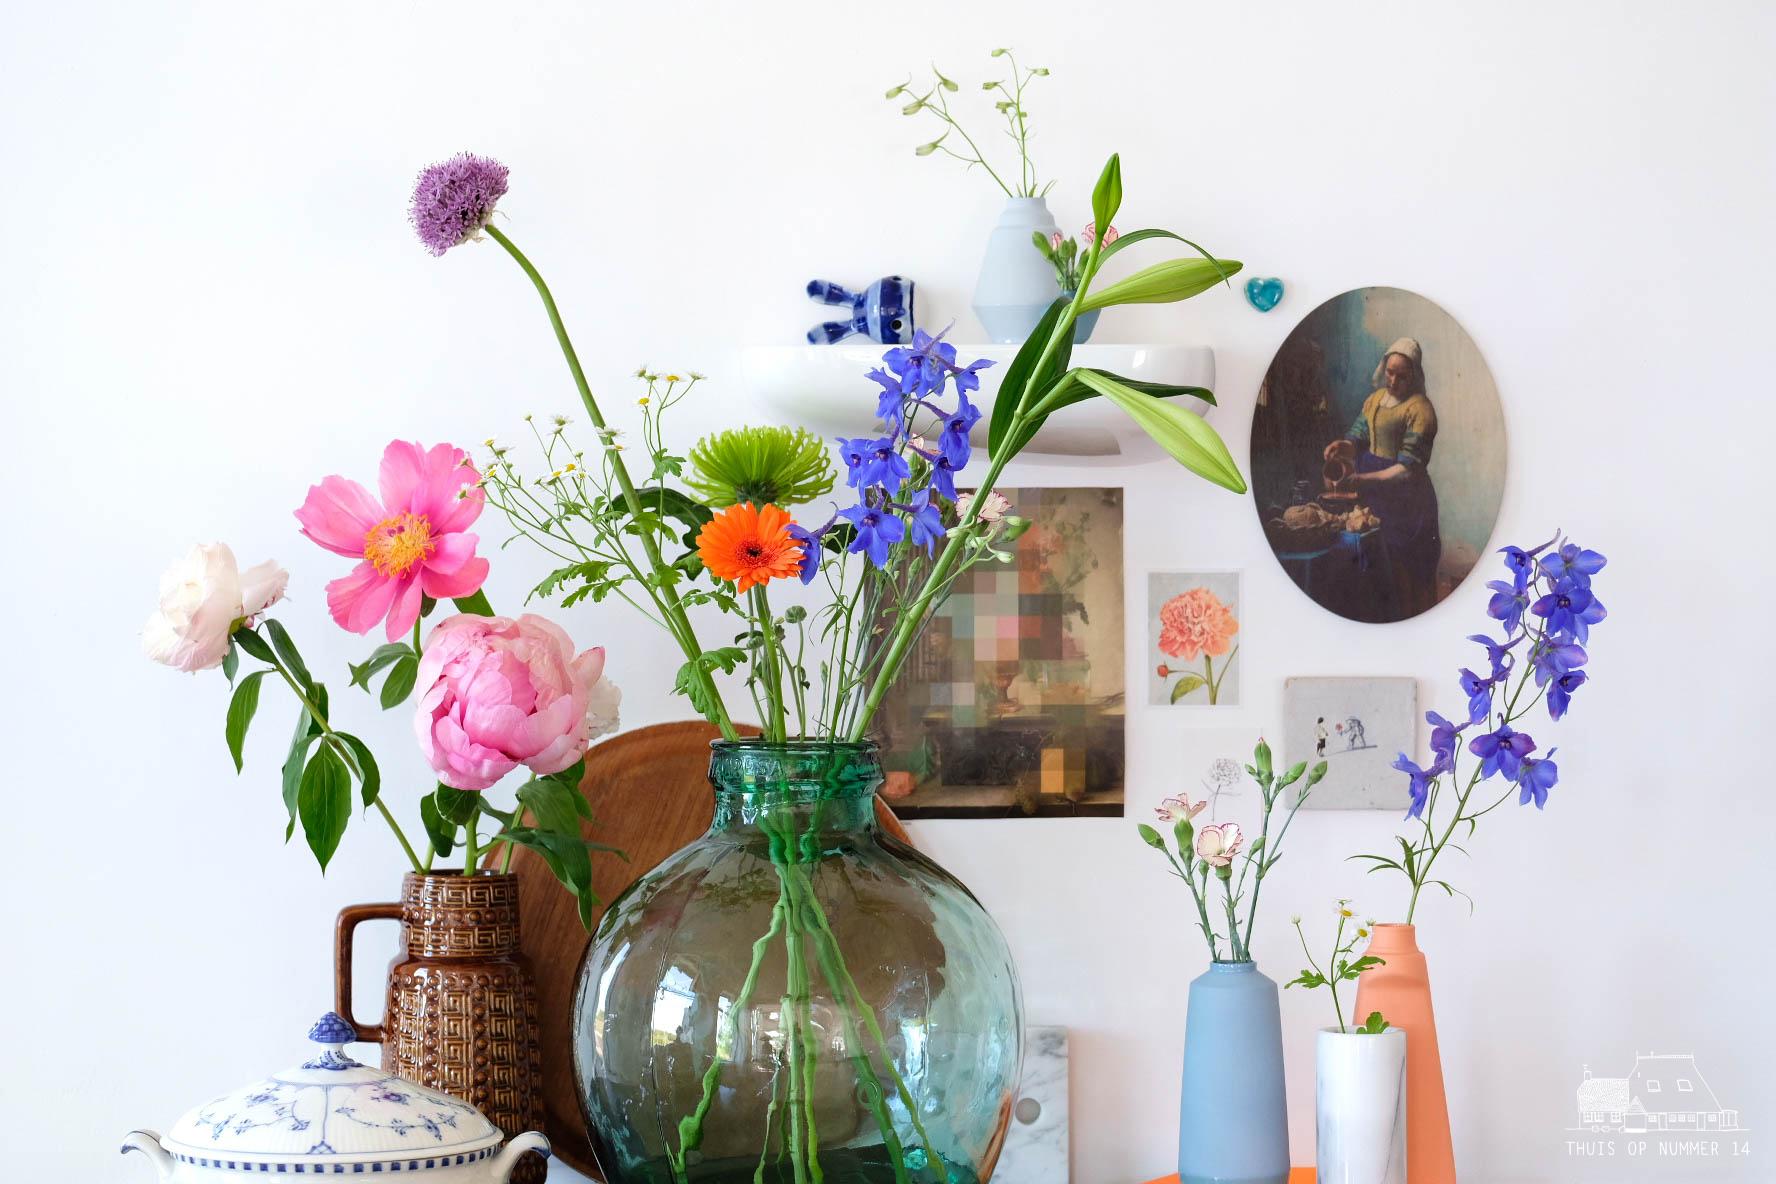 thuis op nummer 14 - zeg het met bloemen